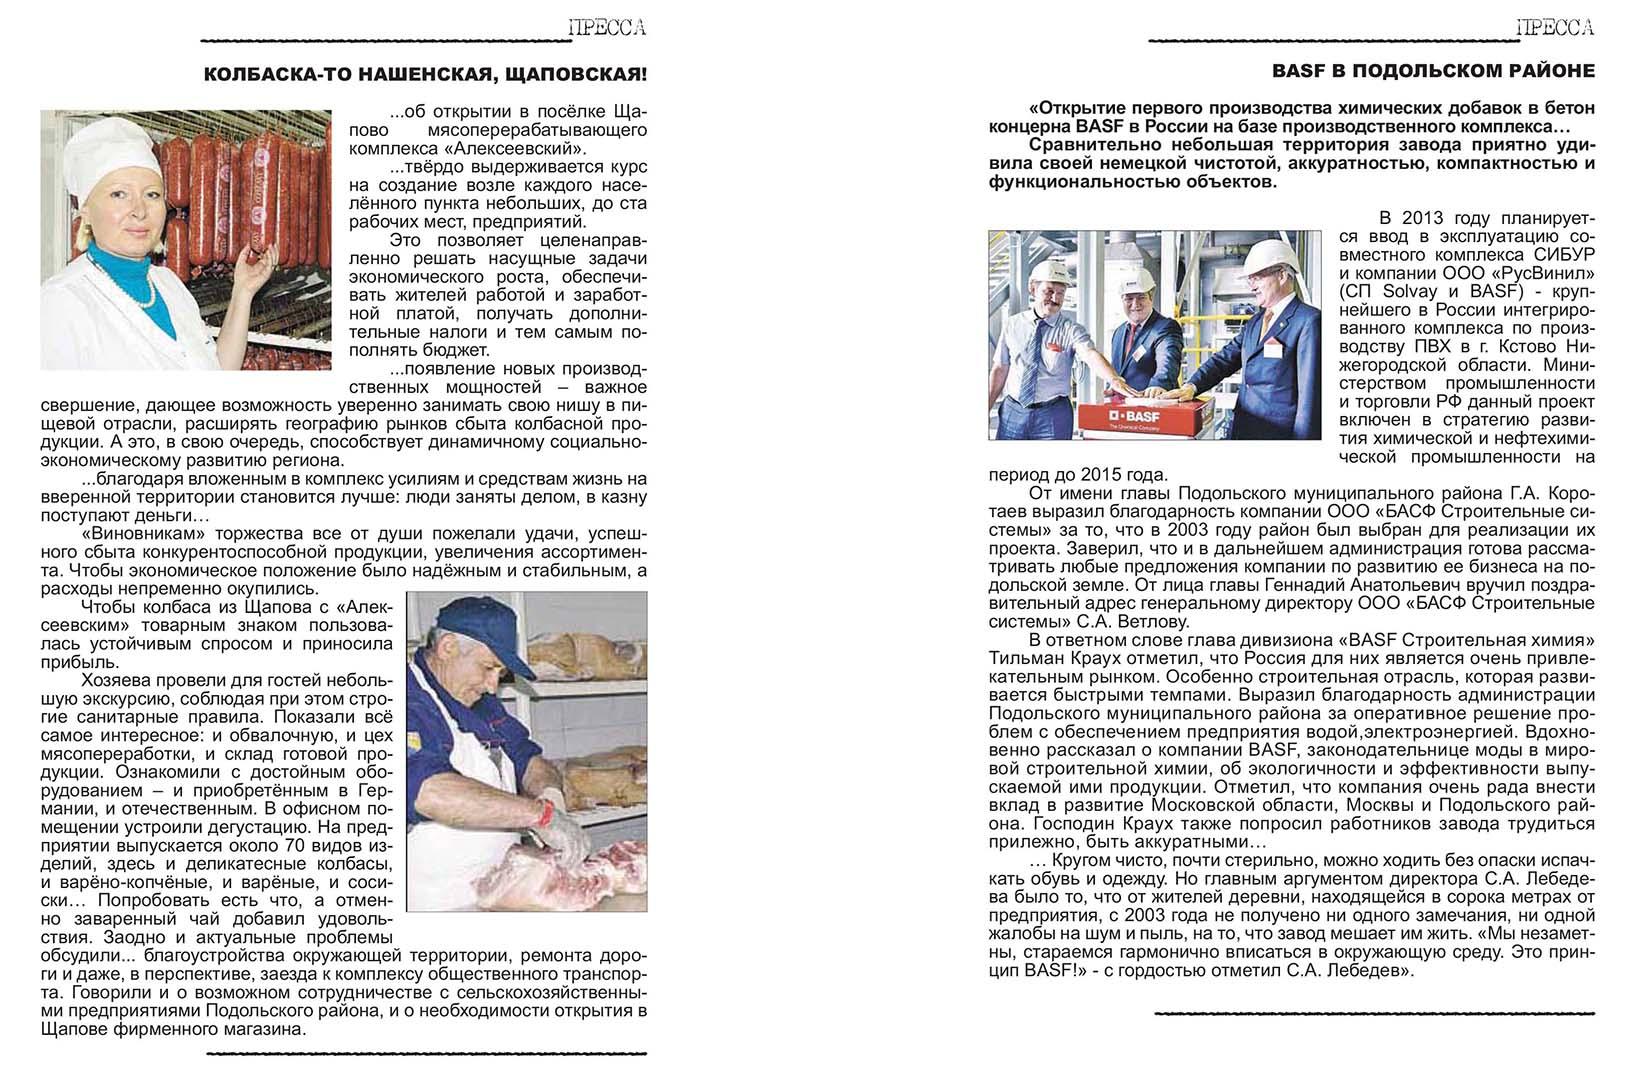 Промышленность и предпринимательство в Подольском районе